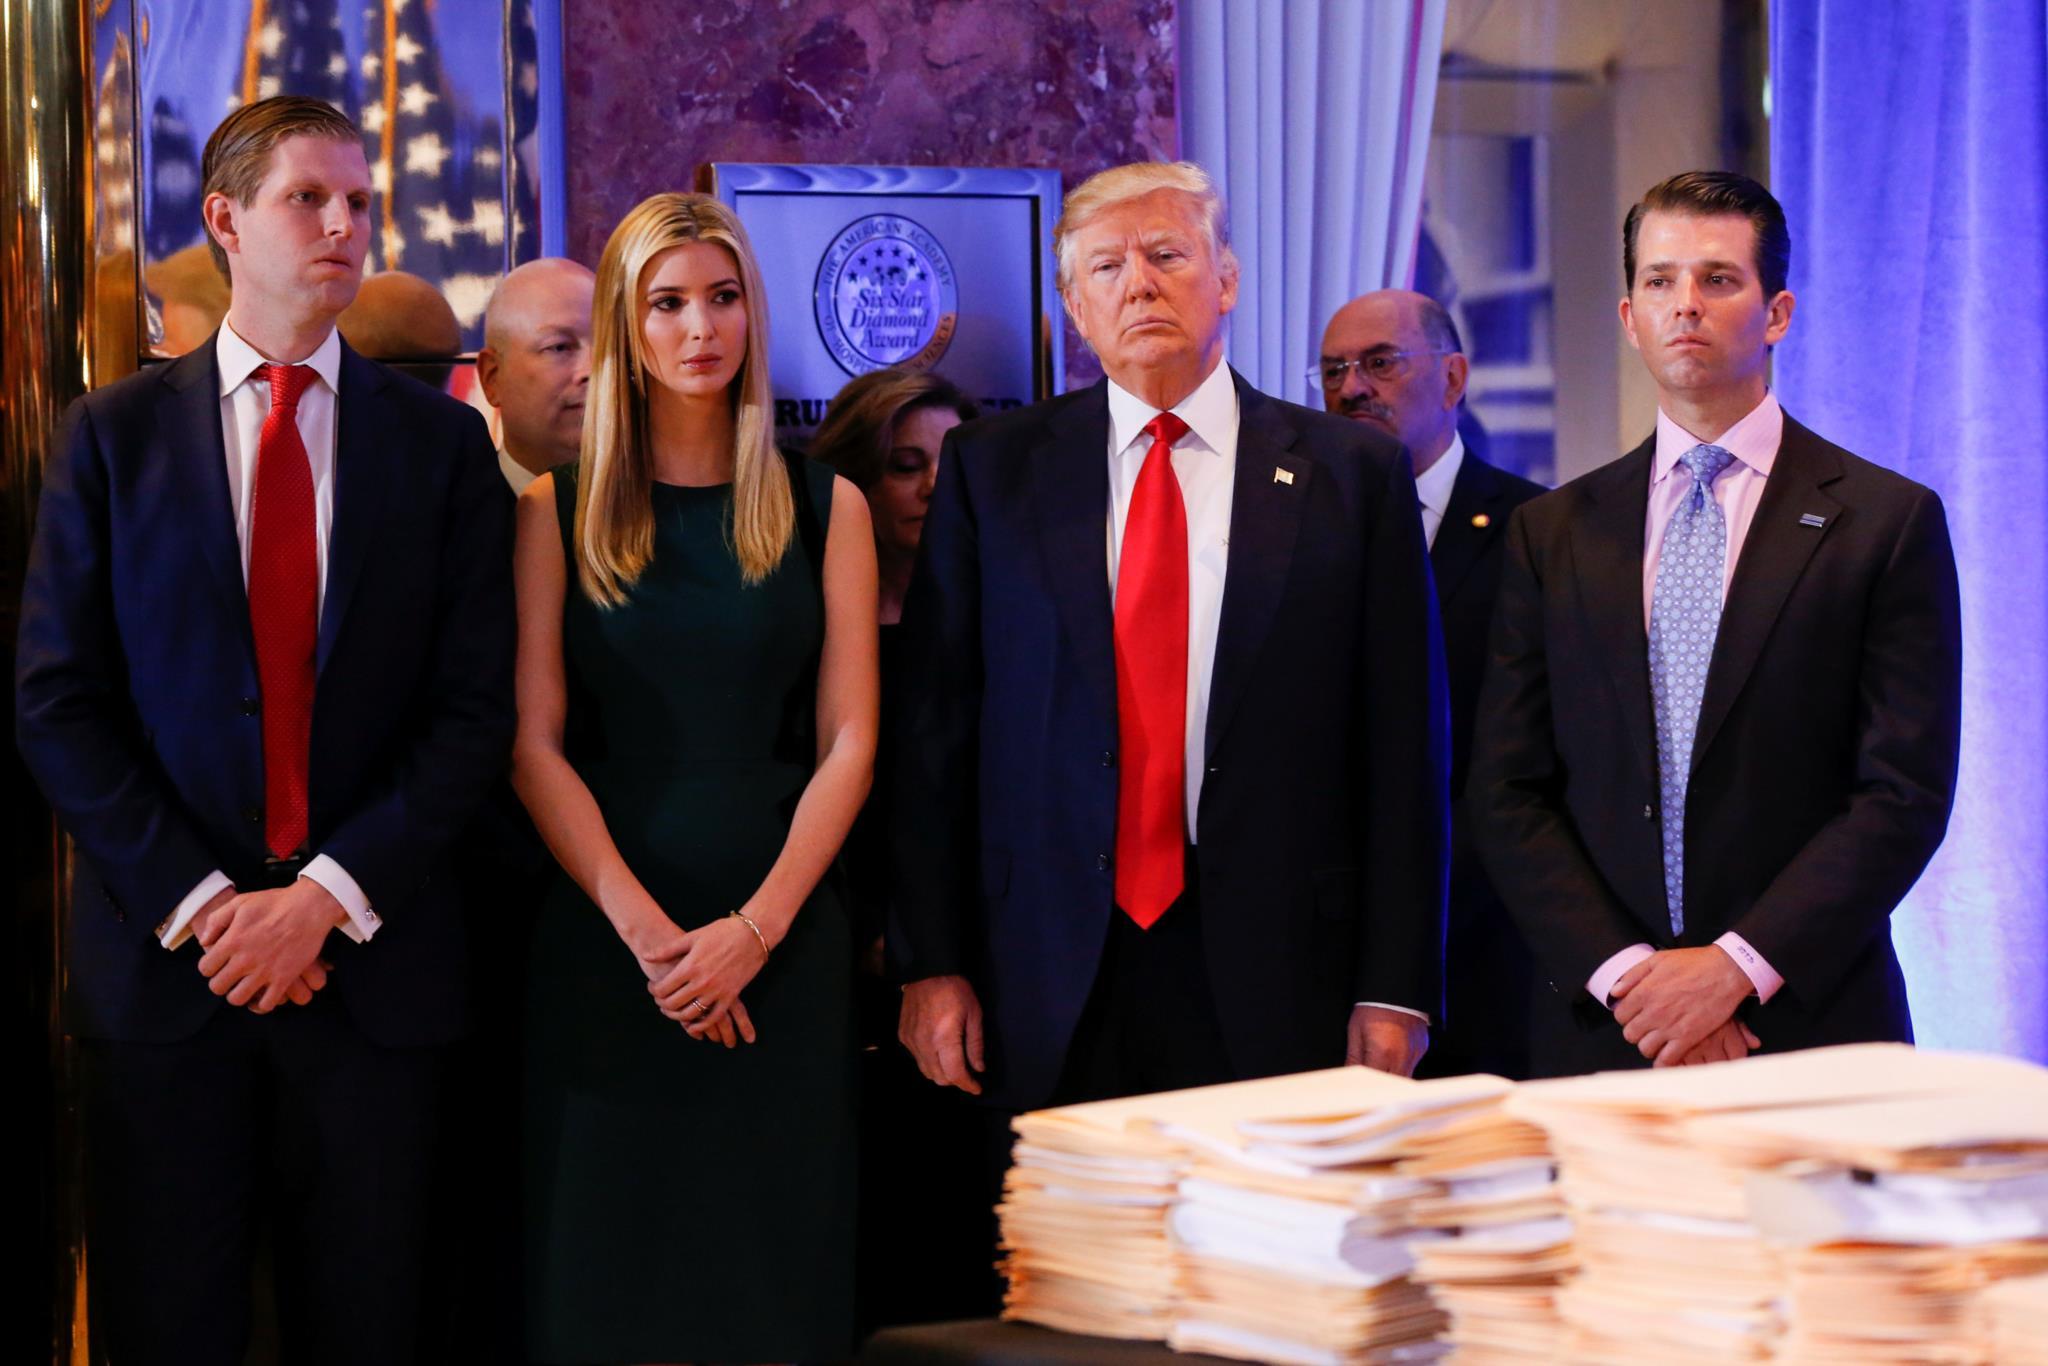 O Presidente com três dos seus cinco filhos. Tiffany raramente aparece junto do pai